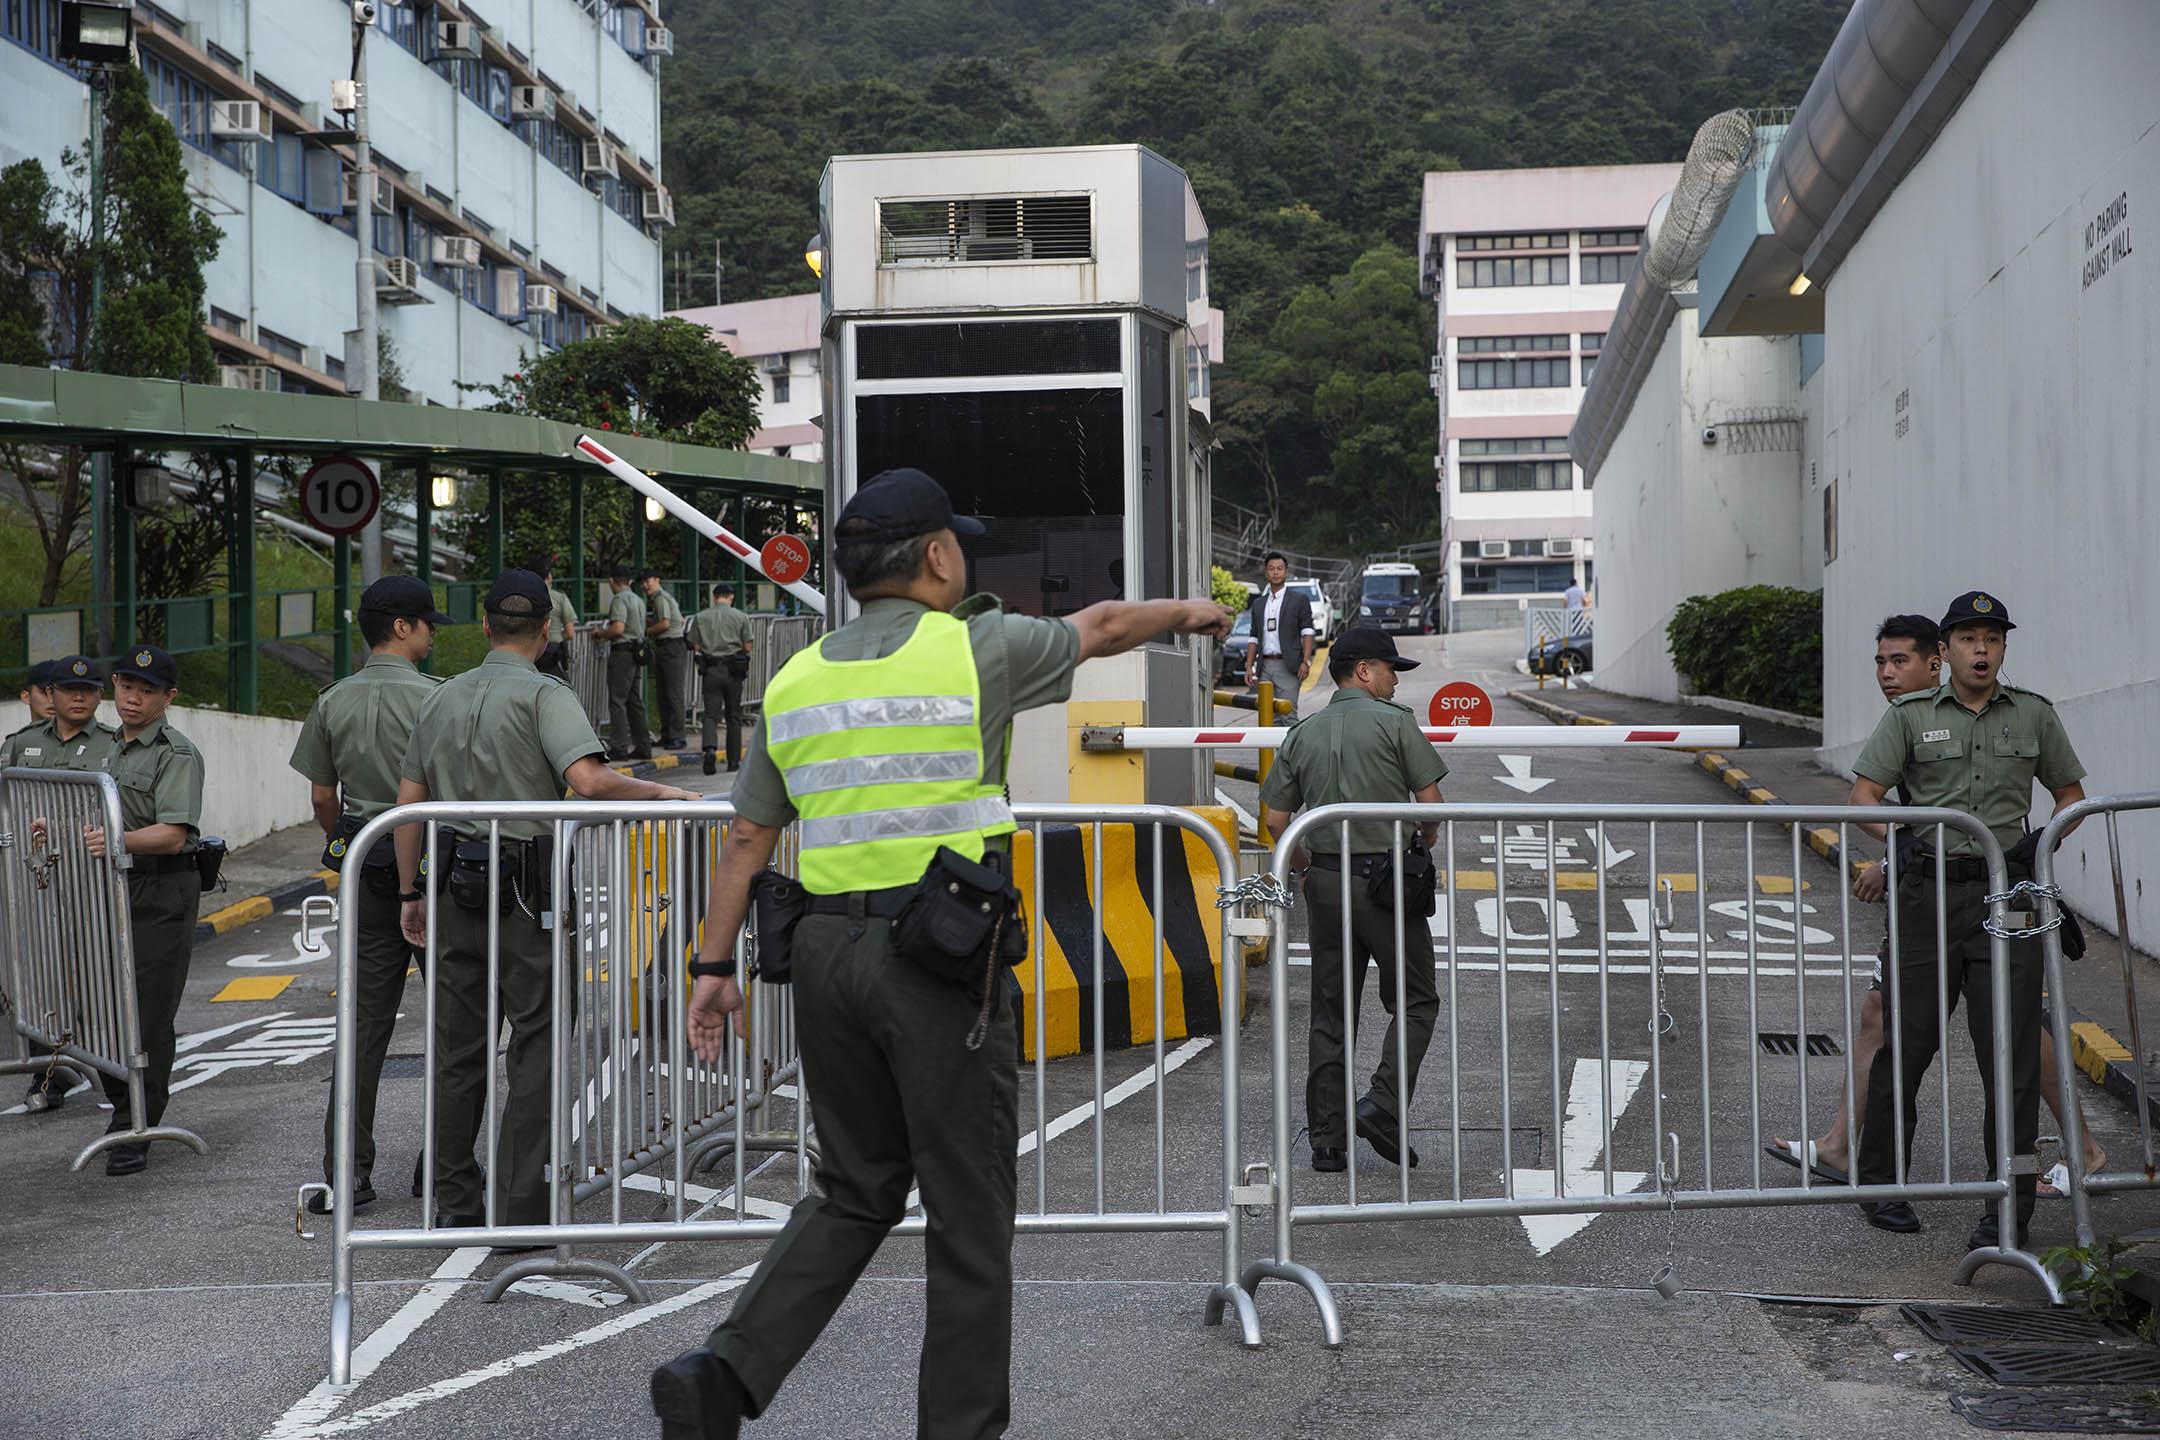 2019年10月23日早上,香港的壁屋監獄外,大批媒體等待陳同佳出獄,懲教署人員架設鐵欄作準備。